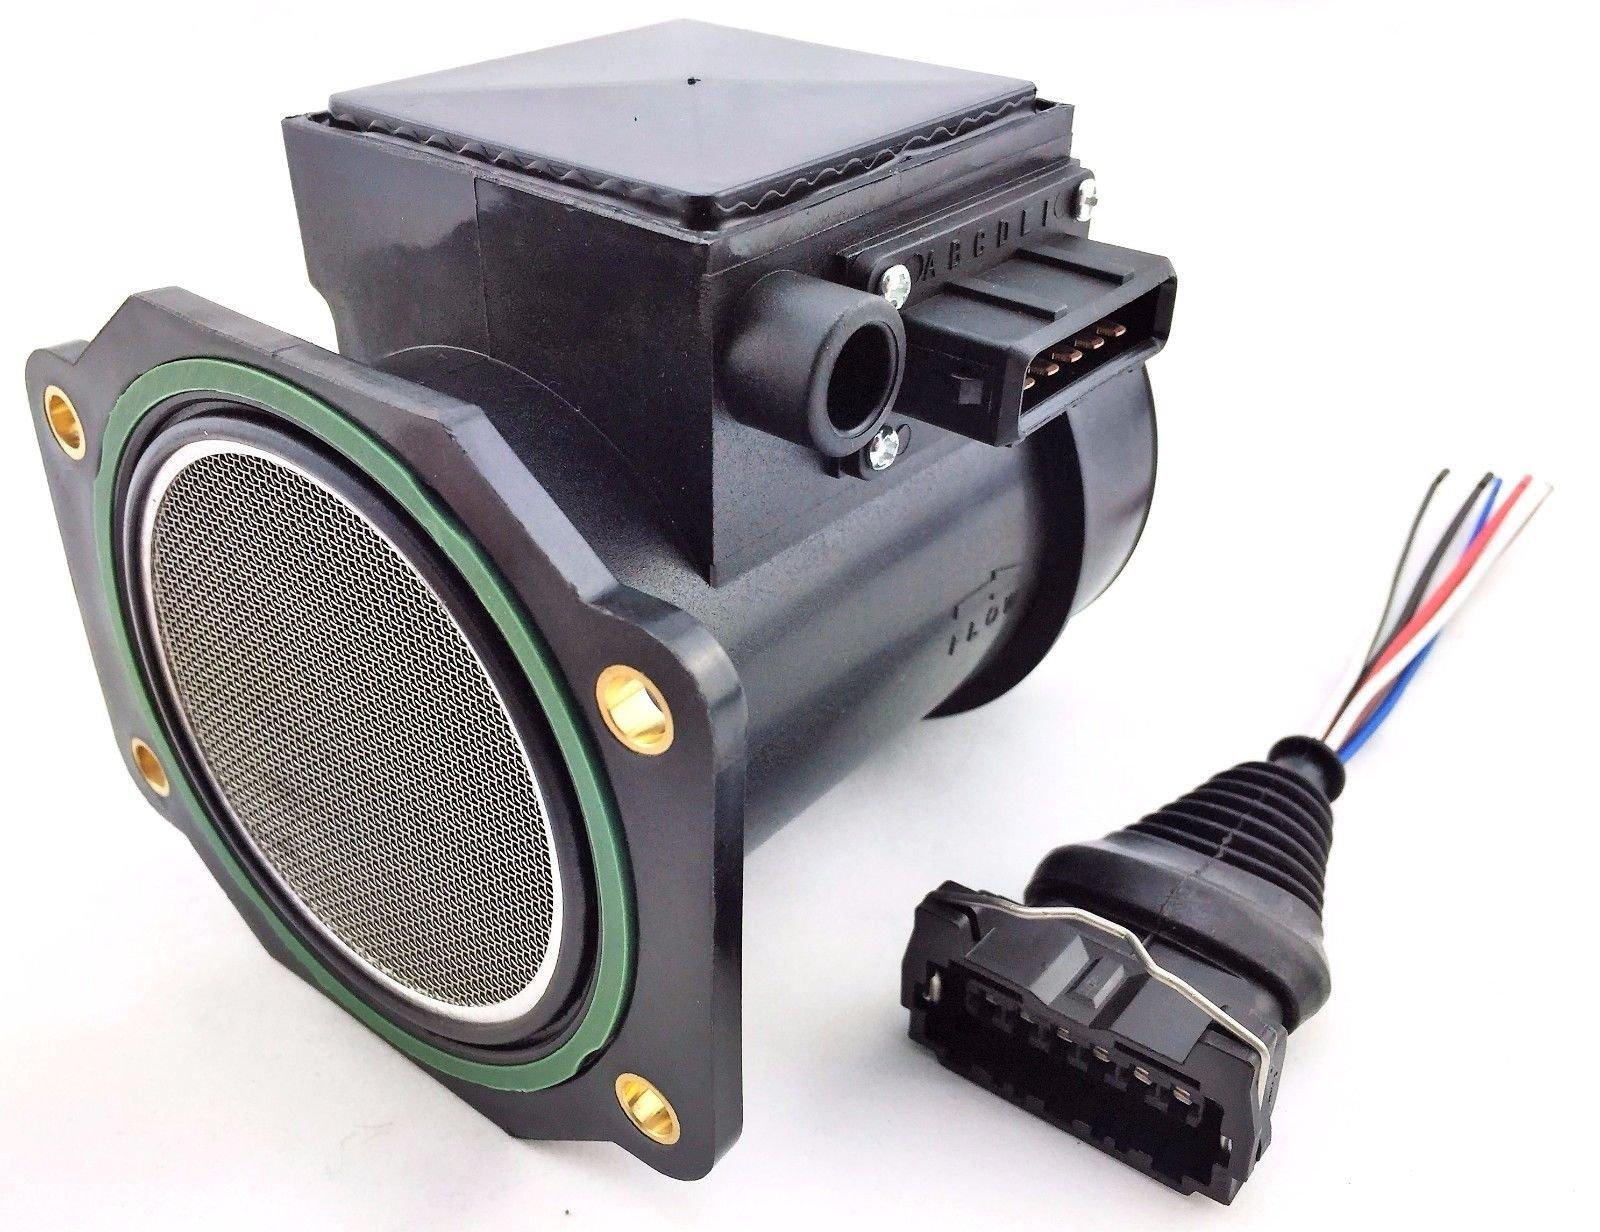 300zx fairlady infiniti 90 96 j30 3 0l mass air flow meter 80mm maf wire harness car truck parts